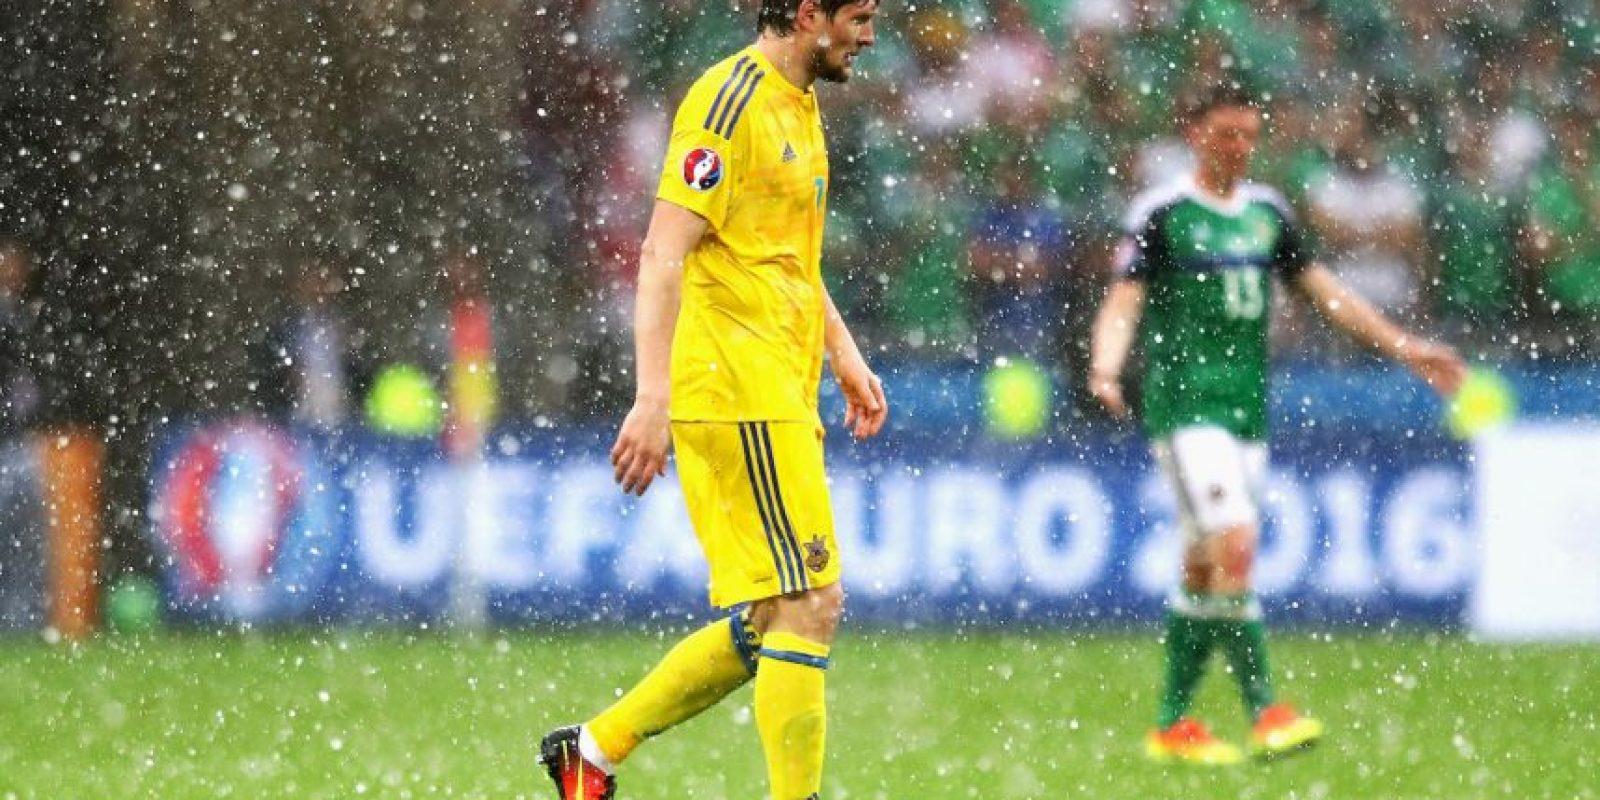 Luego que paró la lluvia, el partido se reanudó Foto:Getty Images